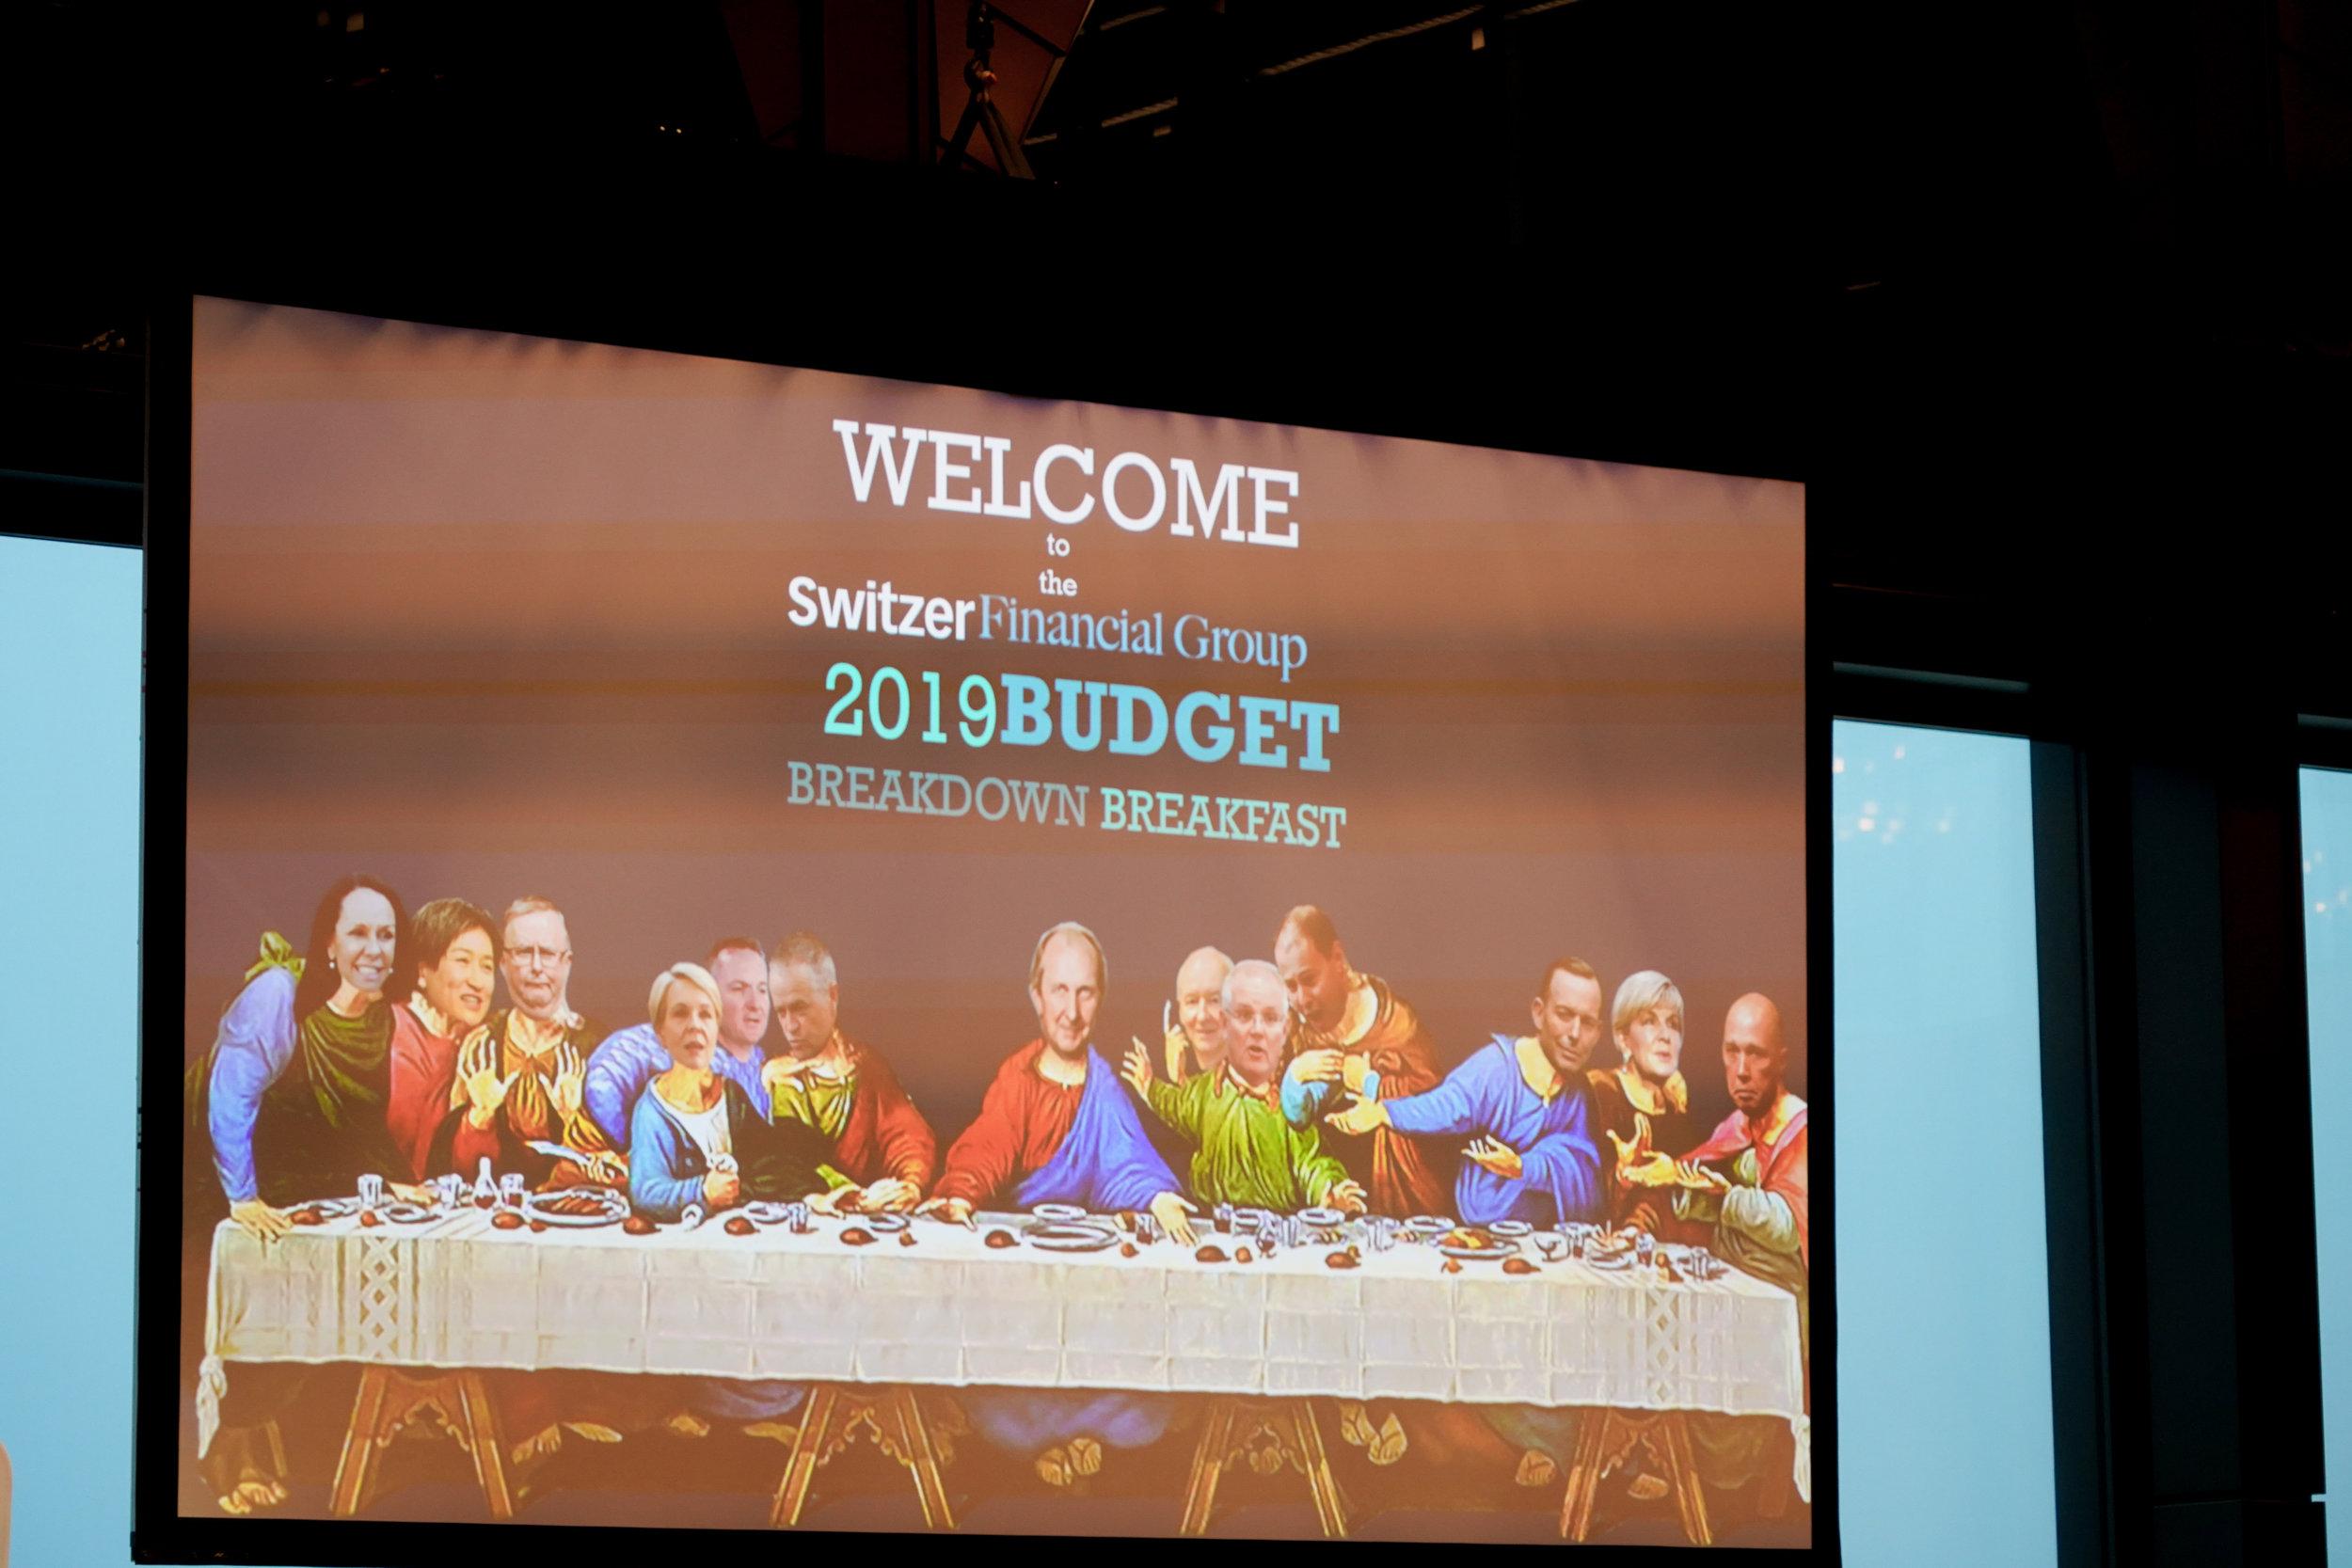 Budget_breakfast'19-15.jpg